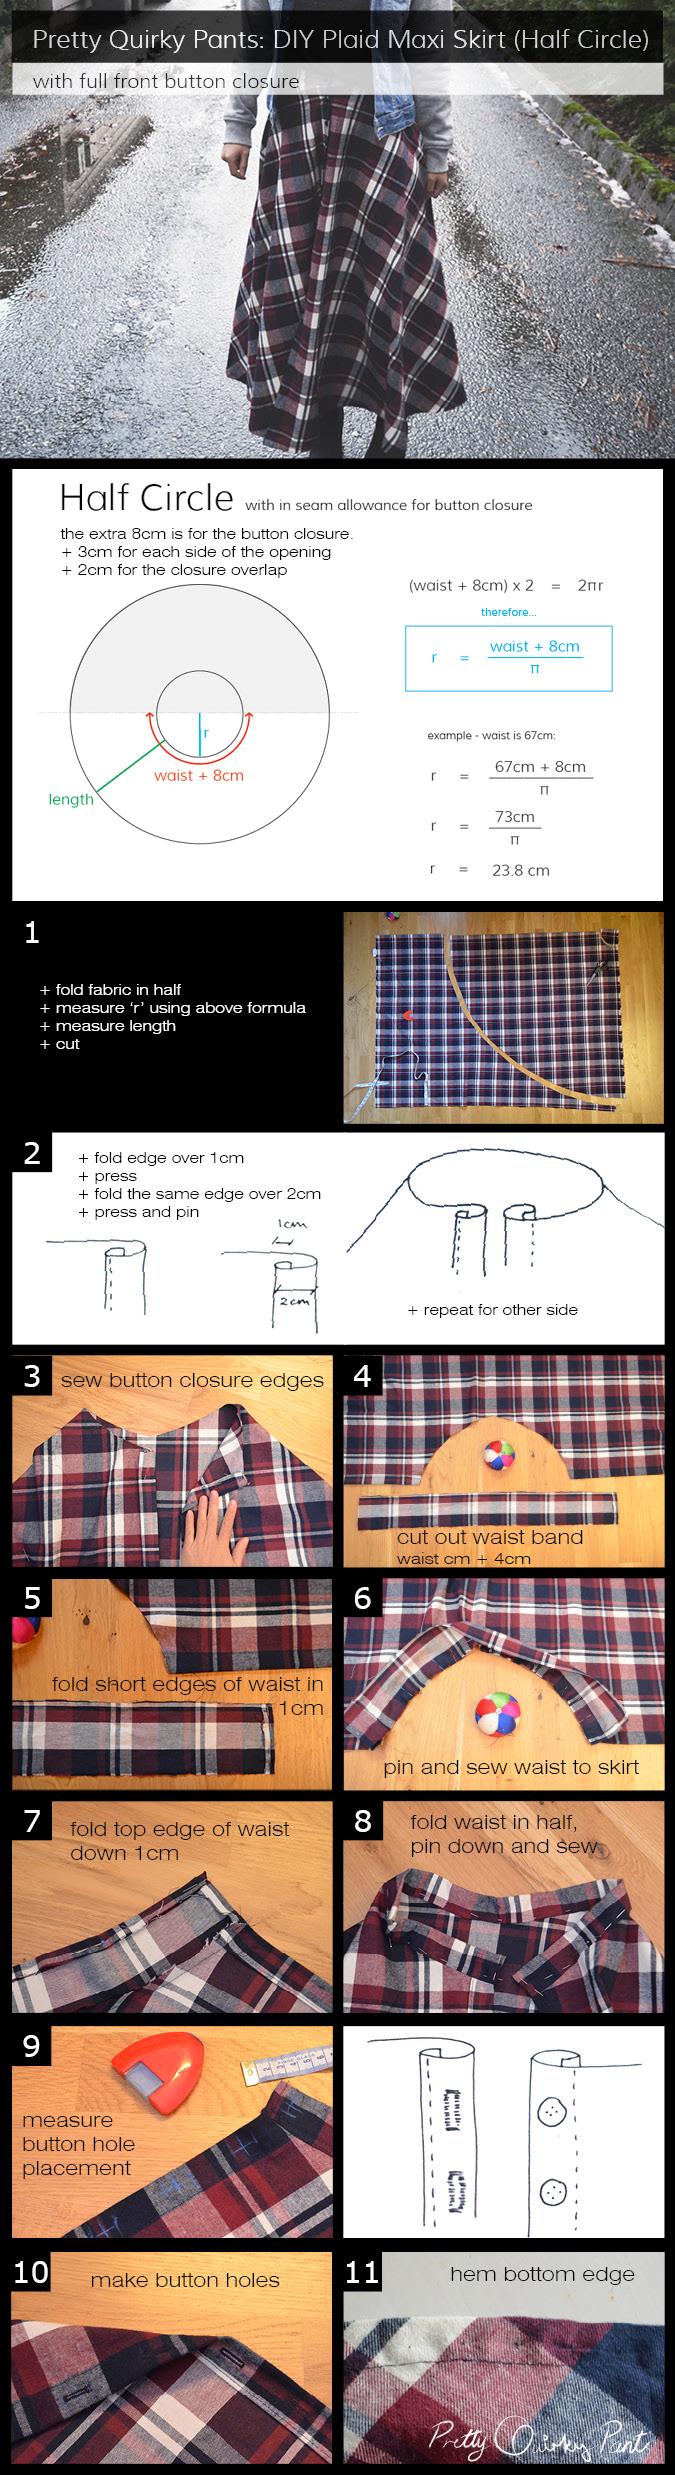 Instruction Layout - plaid maxi skirt